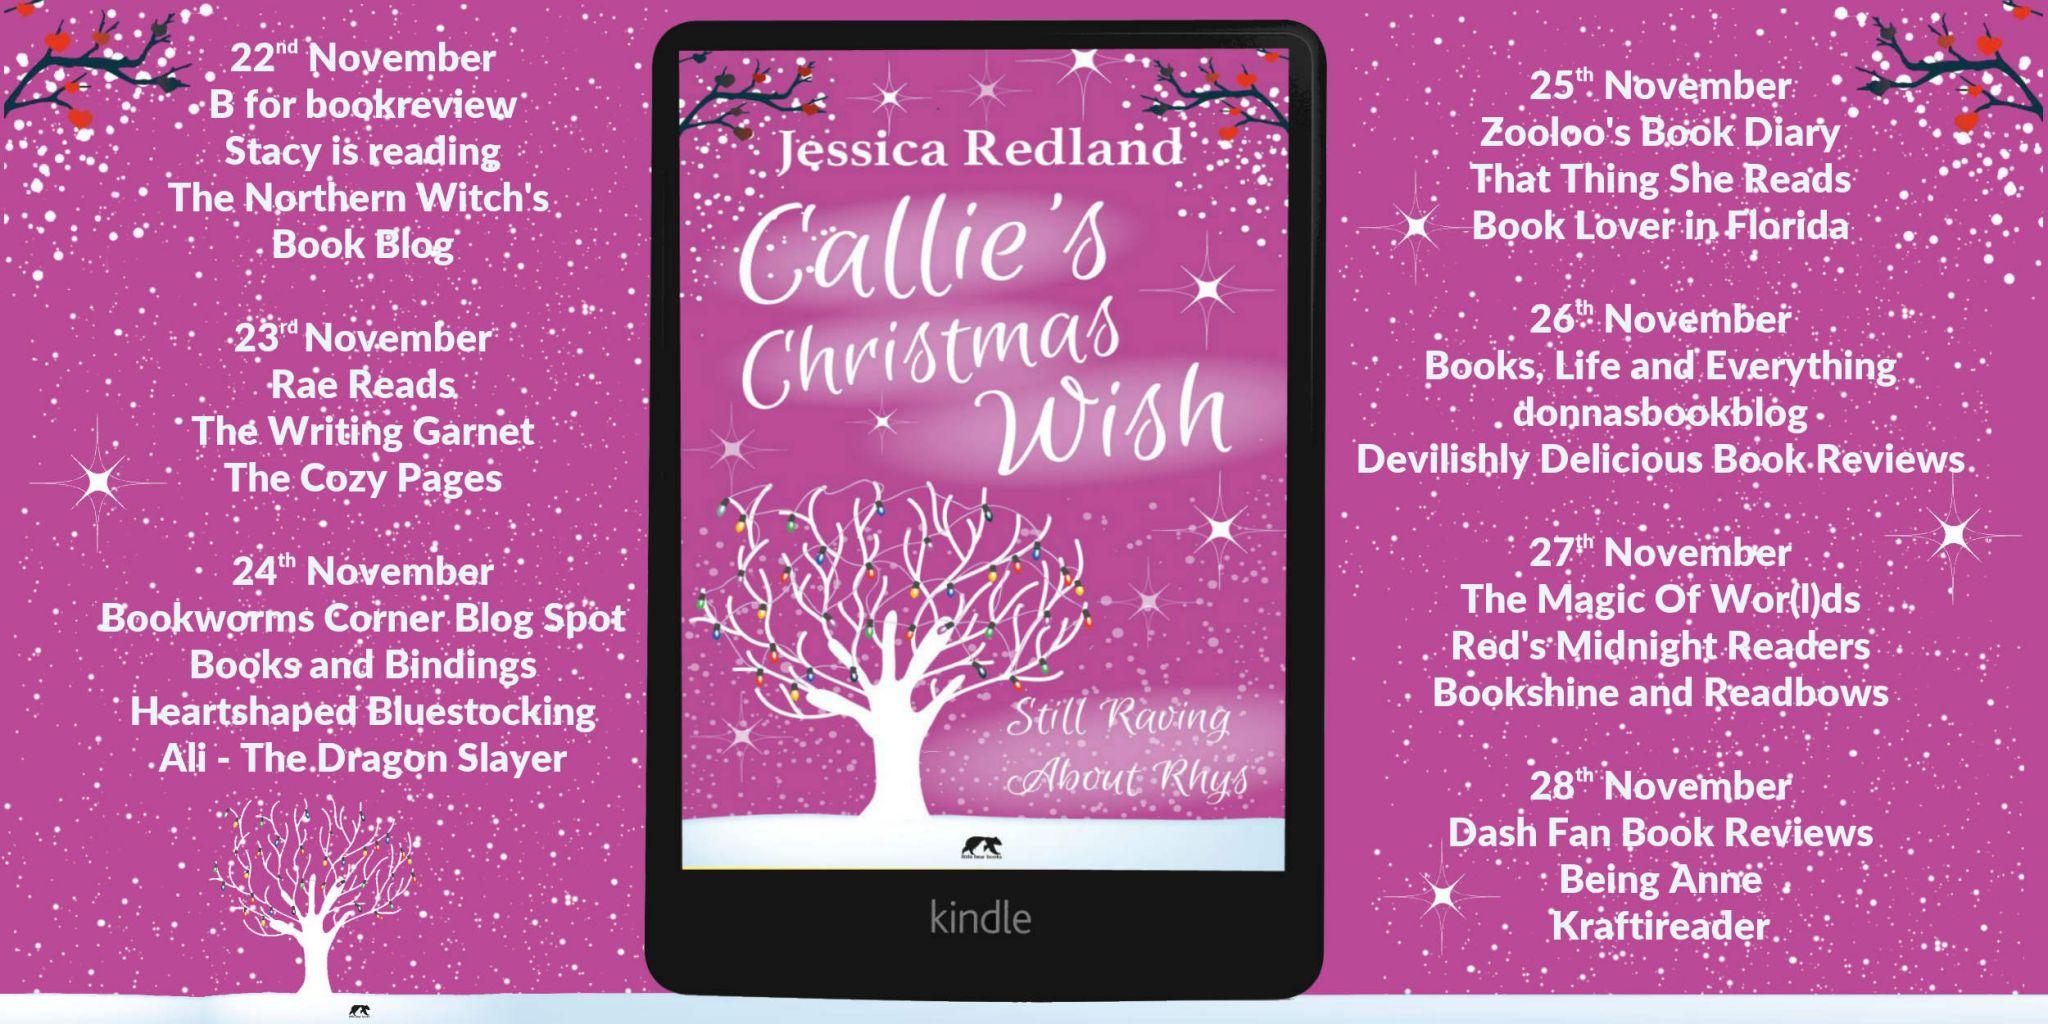 #BookReview of Callie's Christmas Wish by Jessica Redland @JessicaRedland @rararesources